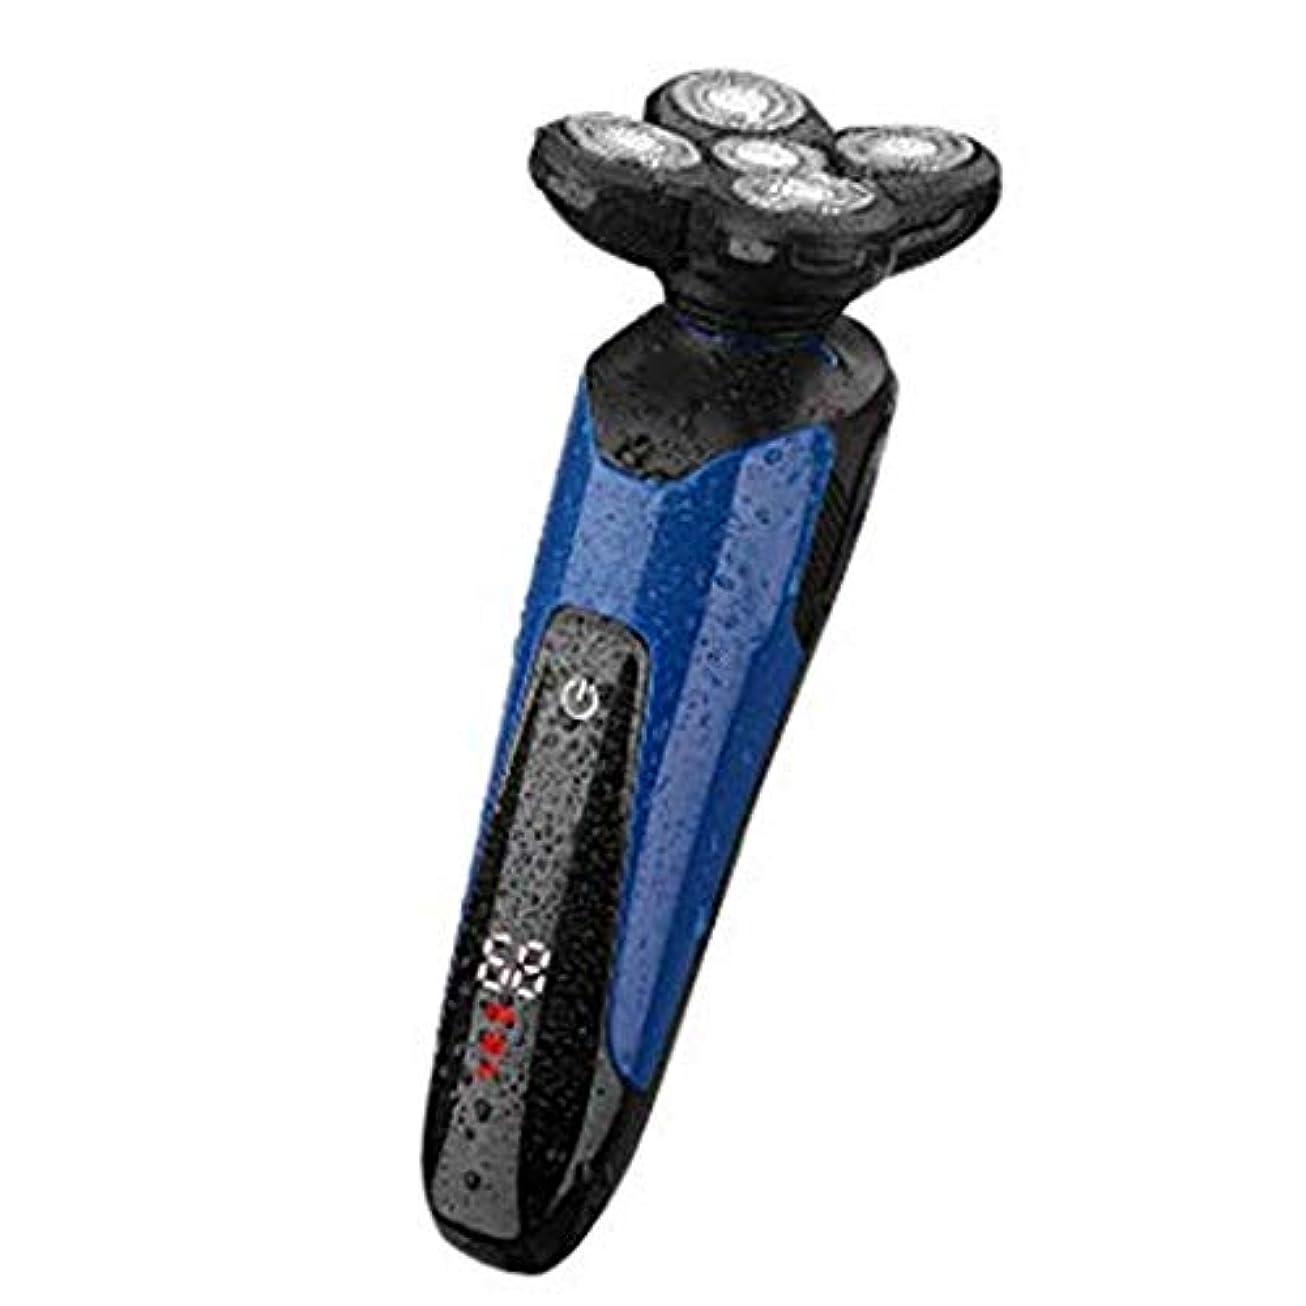 強大な充実反逆はげ頭シェーバー防水電気かみそり滑らかなロータリーシェーバーコードレスはげ頭と顔のシェービング用に特別設計